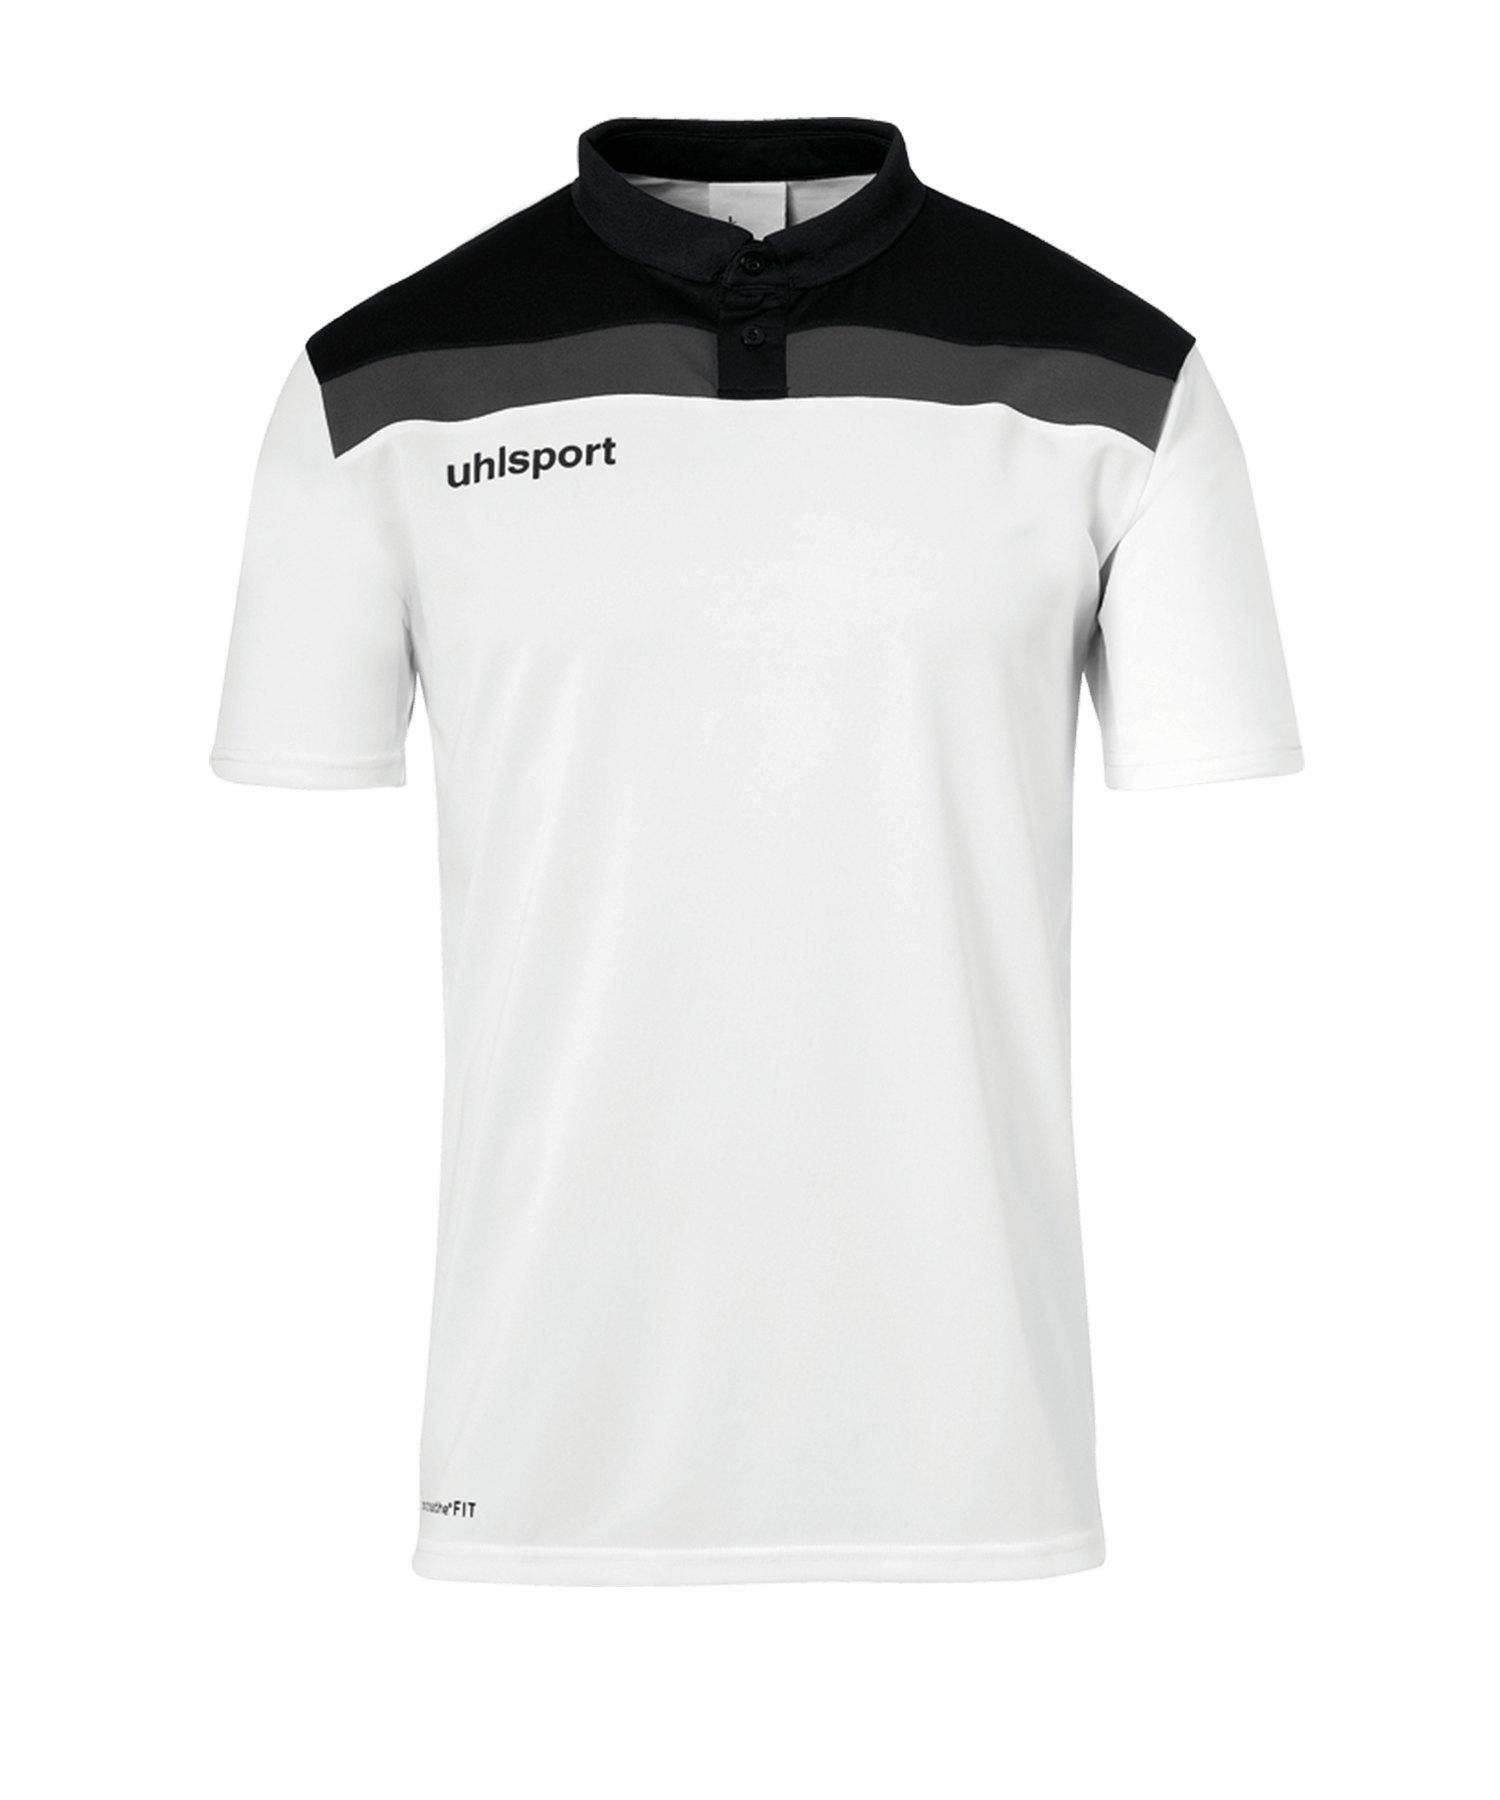 Uhlsport Offense 23 Poloshirt Weiss Schwarz F02 - weiss